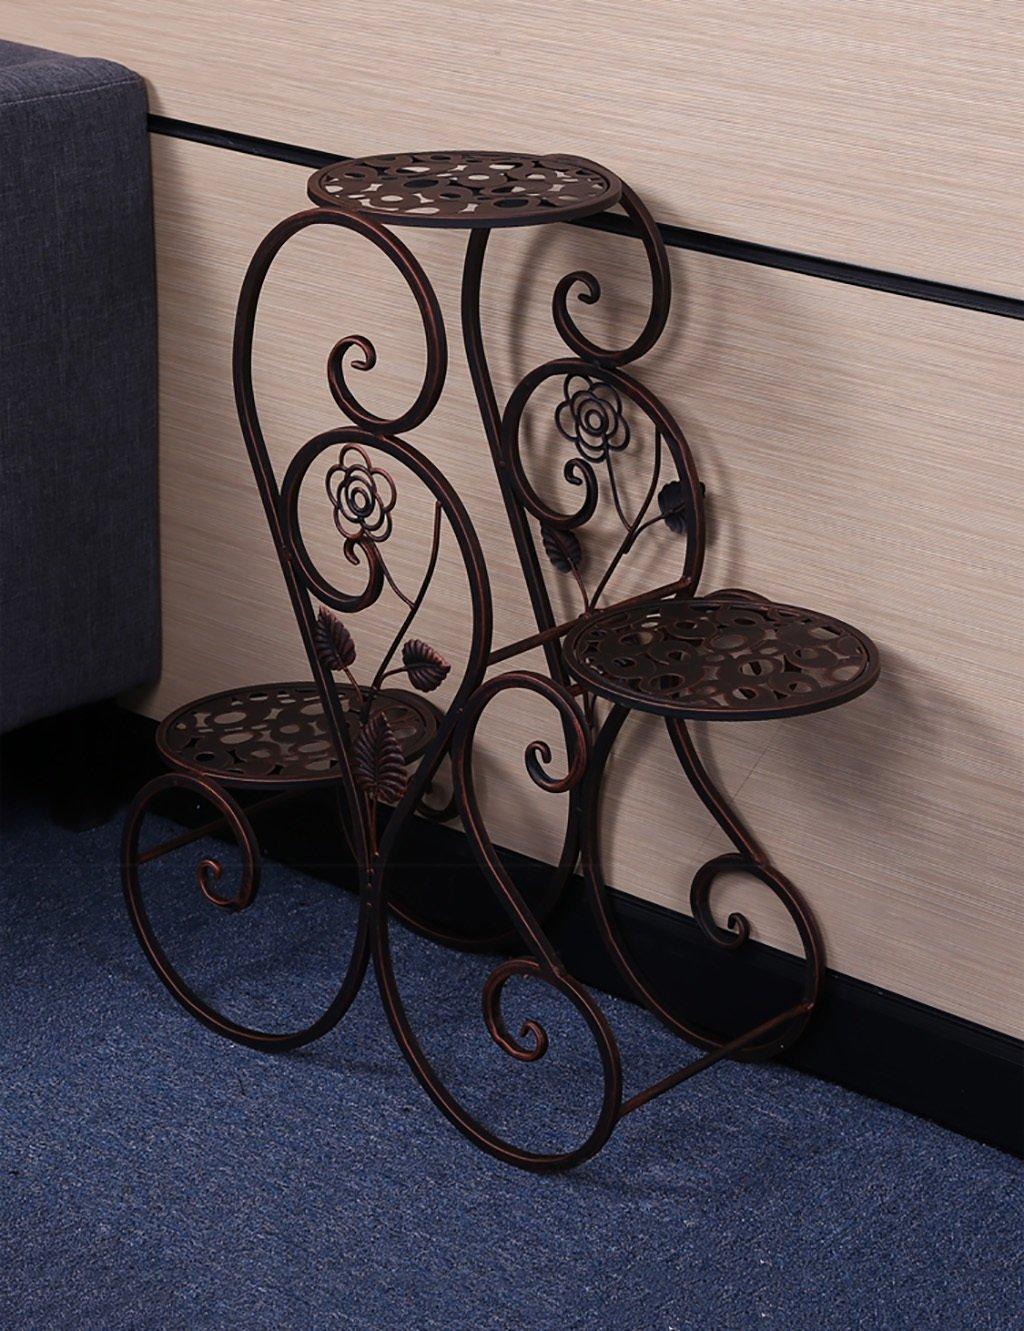 Blumenregal Iron Floor 3-lagiges Blumentopfgestell Amerikanischen ländlichen Innen-und Außenbereich Regal ( farbe : Messing , größe : 63cm*24cm*68cm )